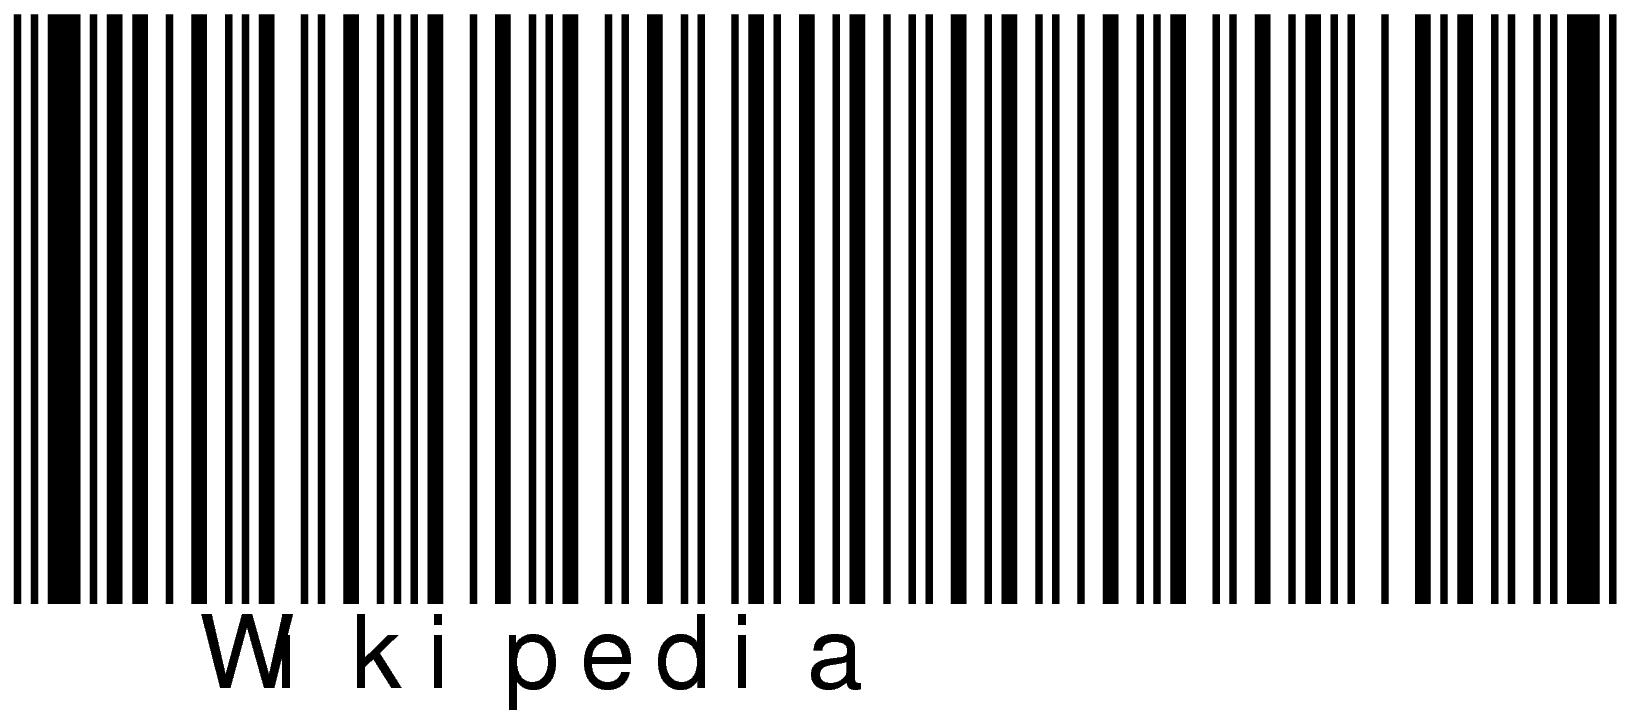 картинки штрих кодов для распечатки наша внешность отличается